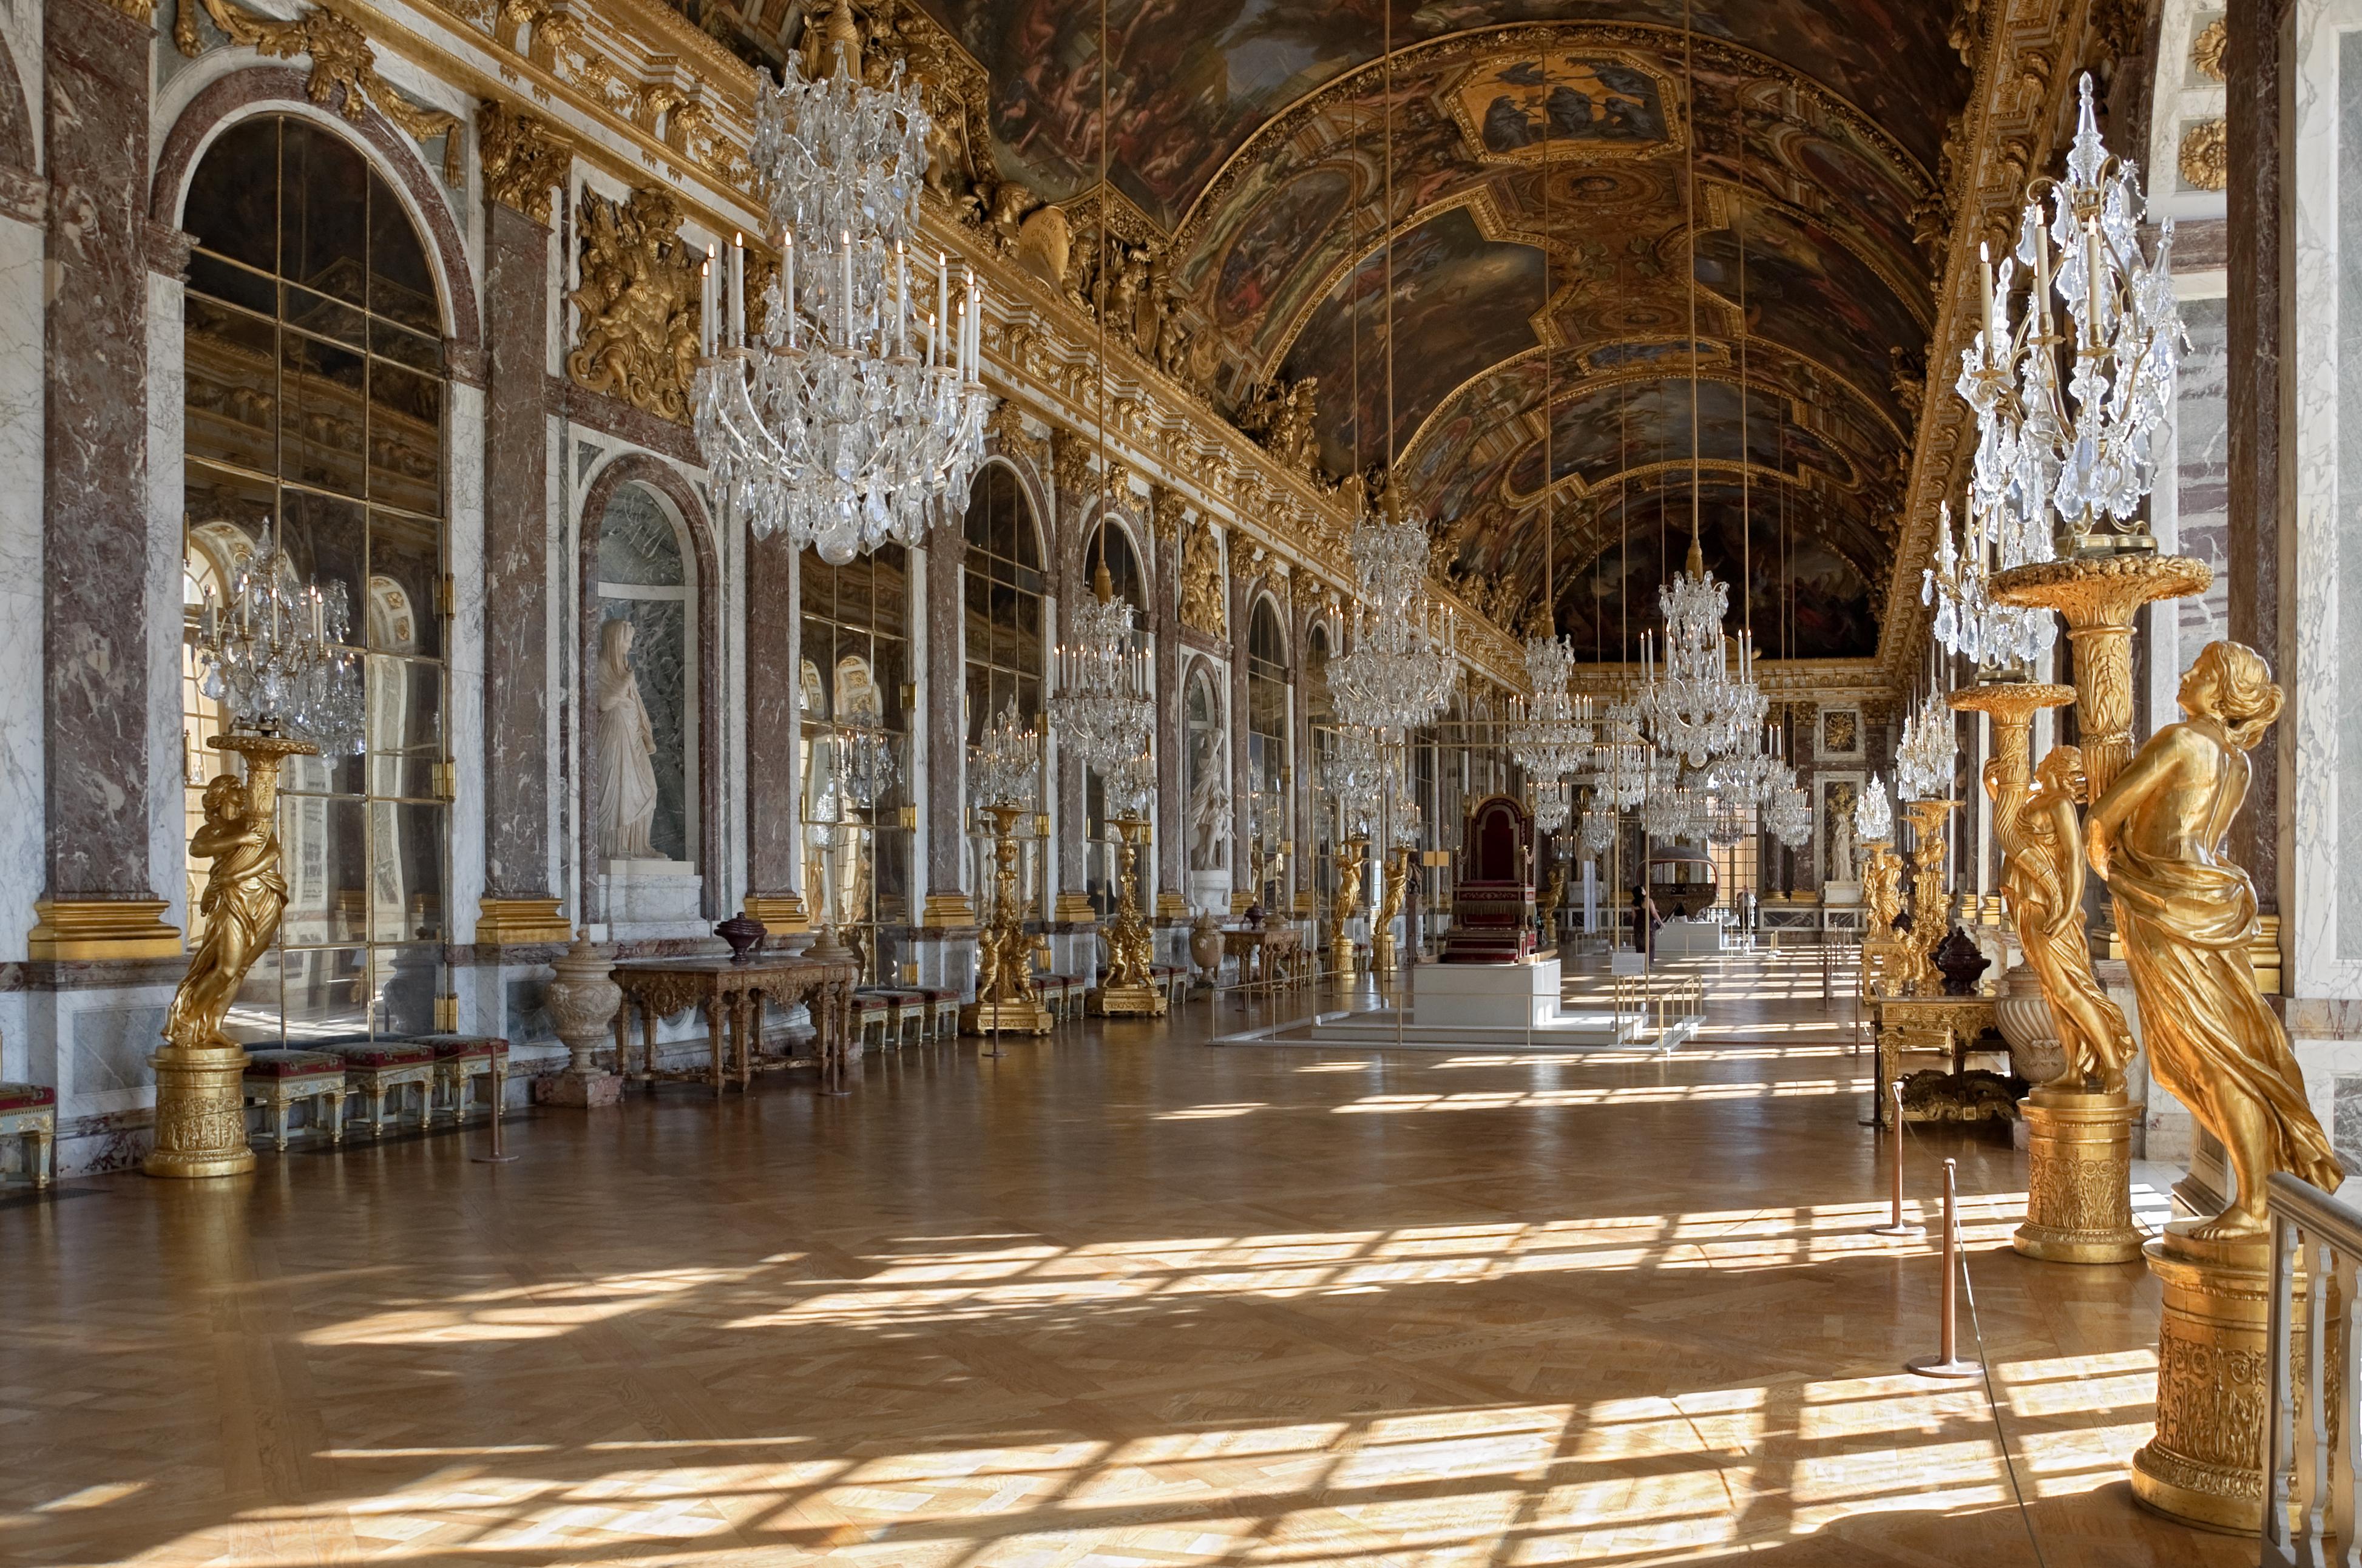 Galería de los espejos. Palacio de Versalles. Versalles..